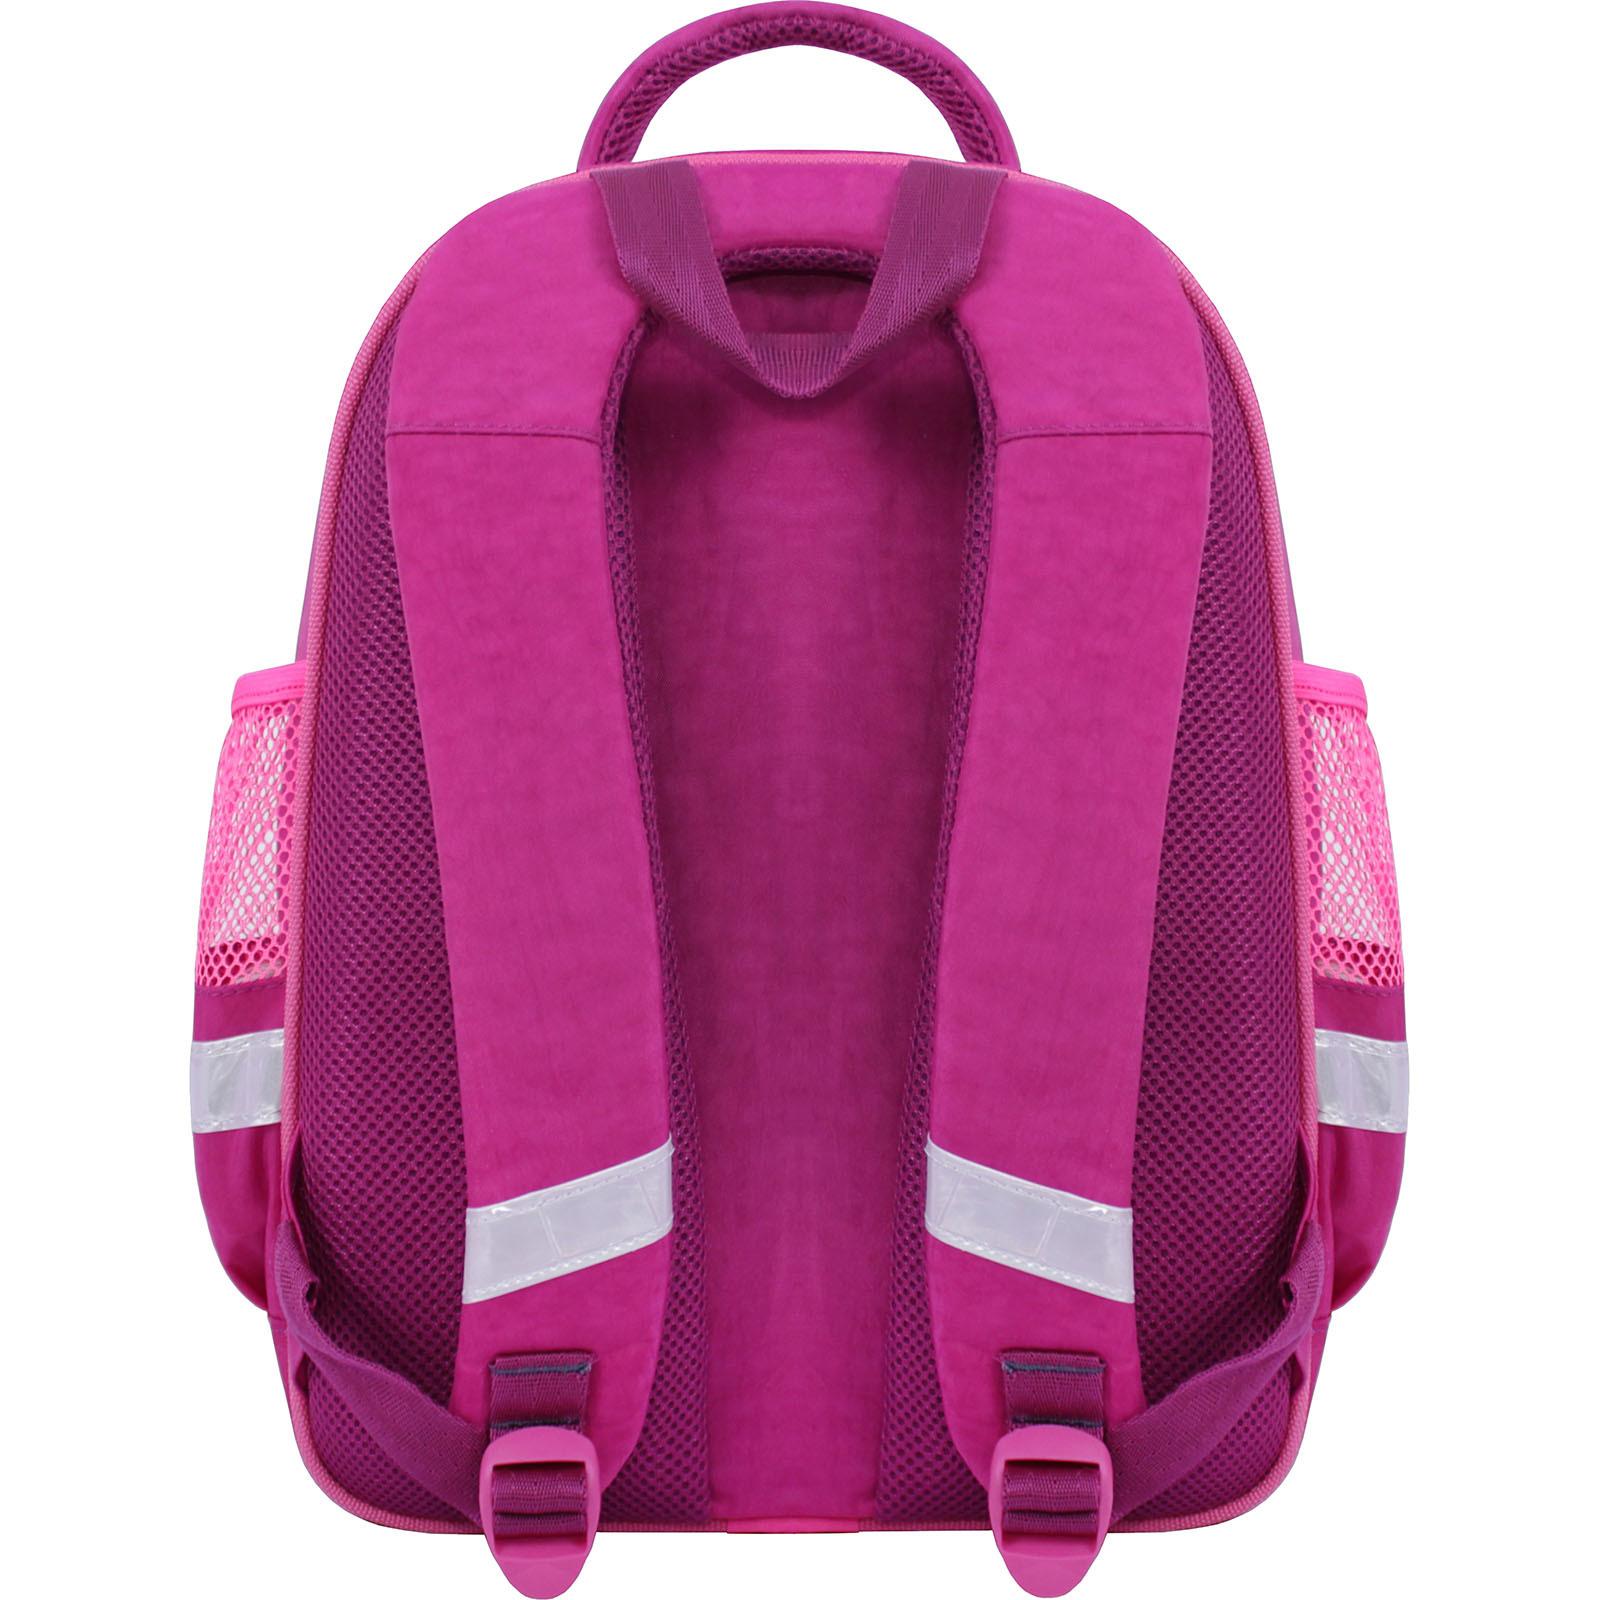 Рюкзак школьный Bagland Mouse 143 малиновый 593 (0051370) фото 3